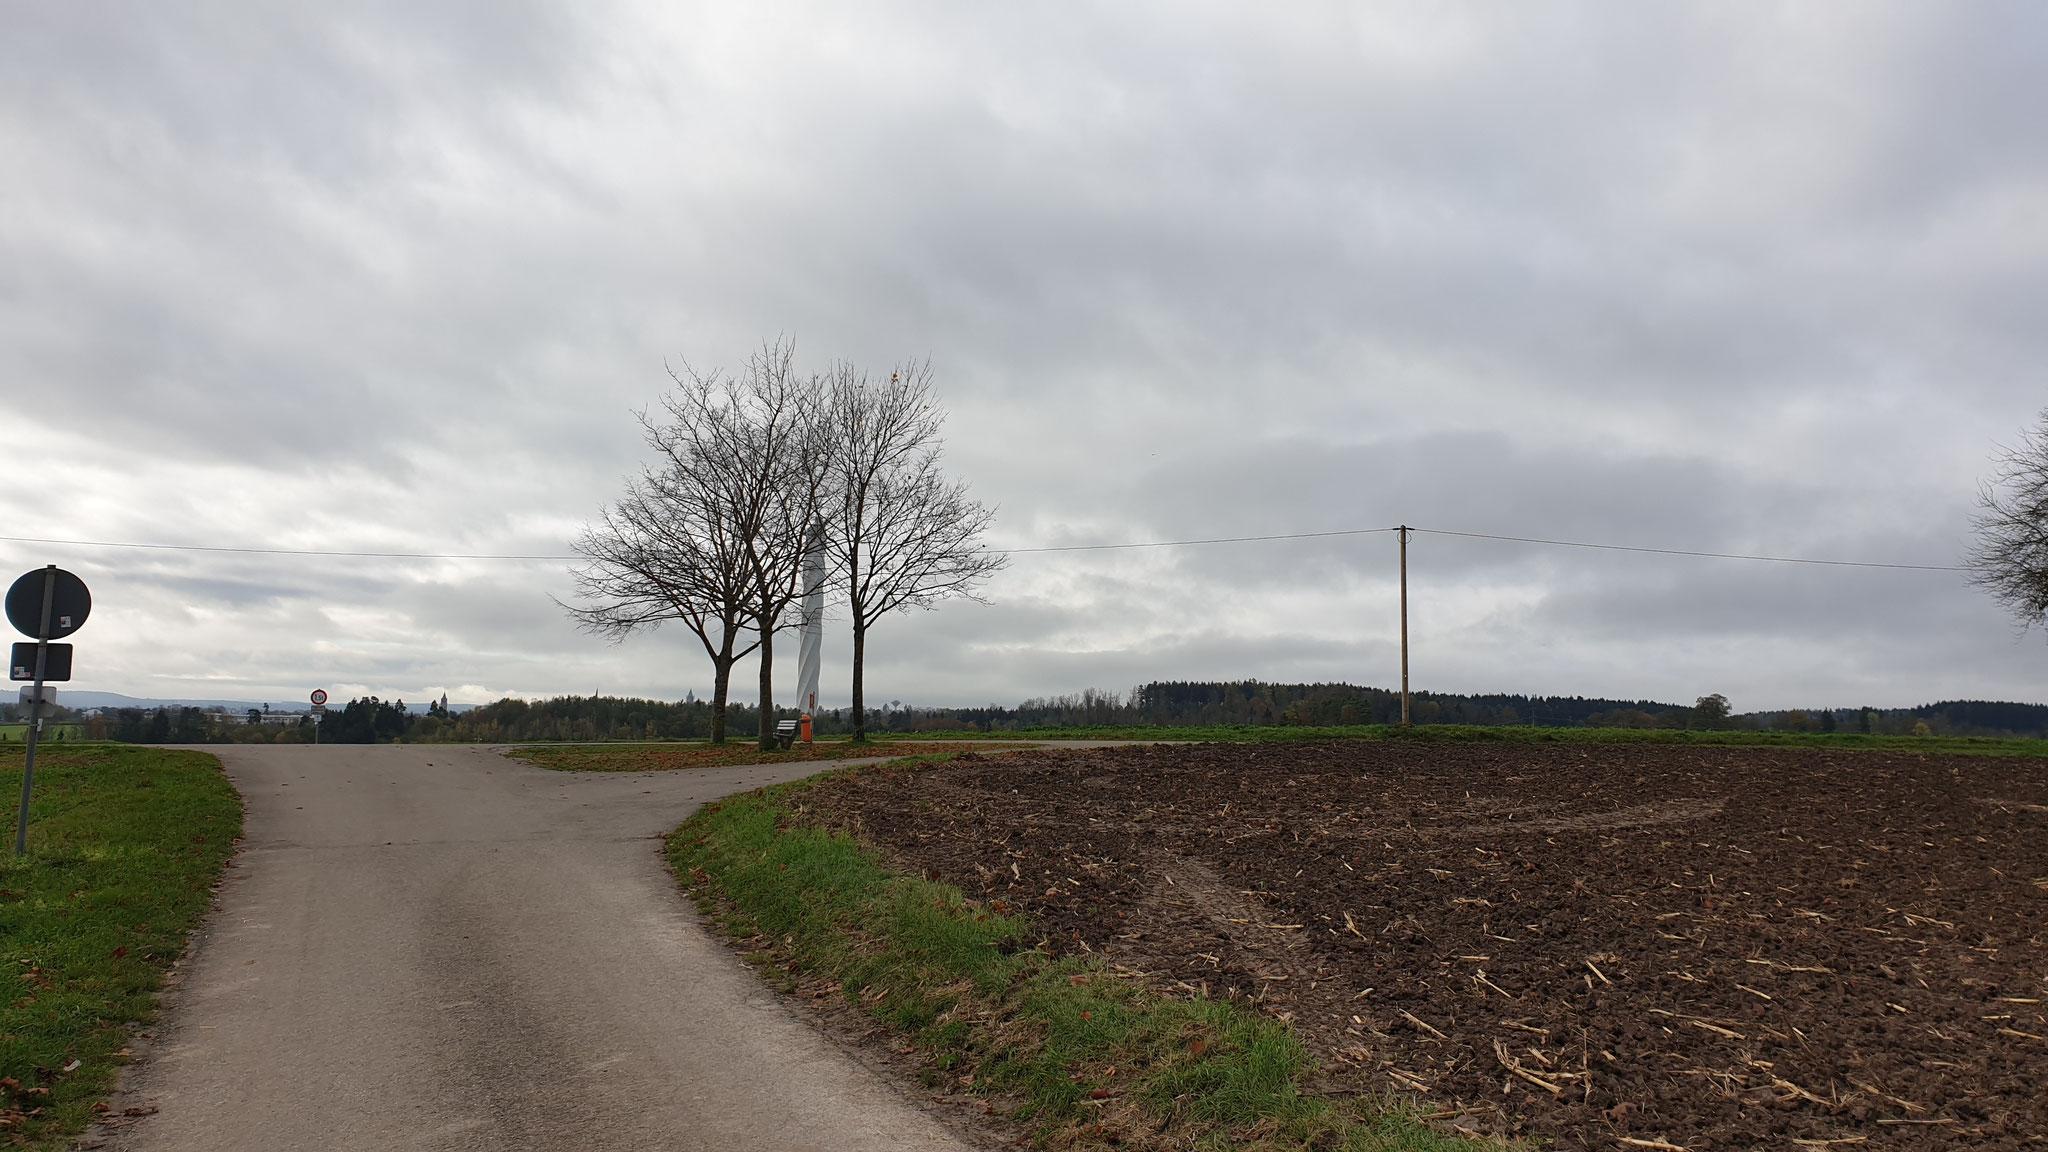 Wo ist der Thyssen-Krupp-Turm?